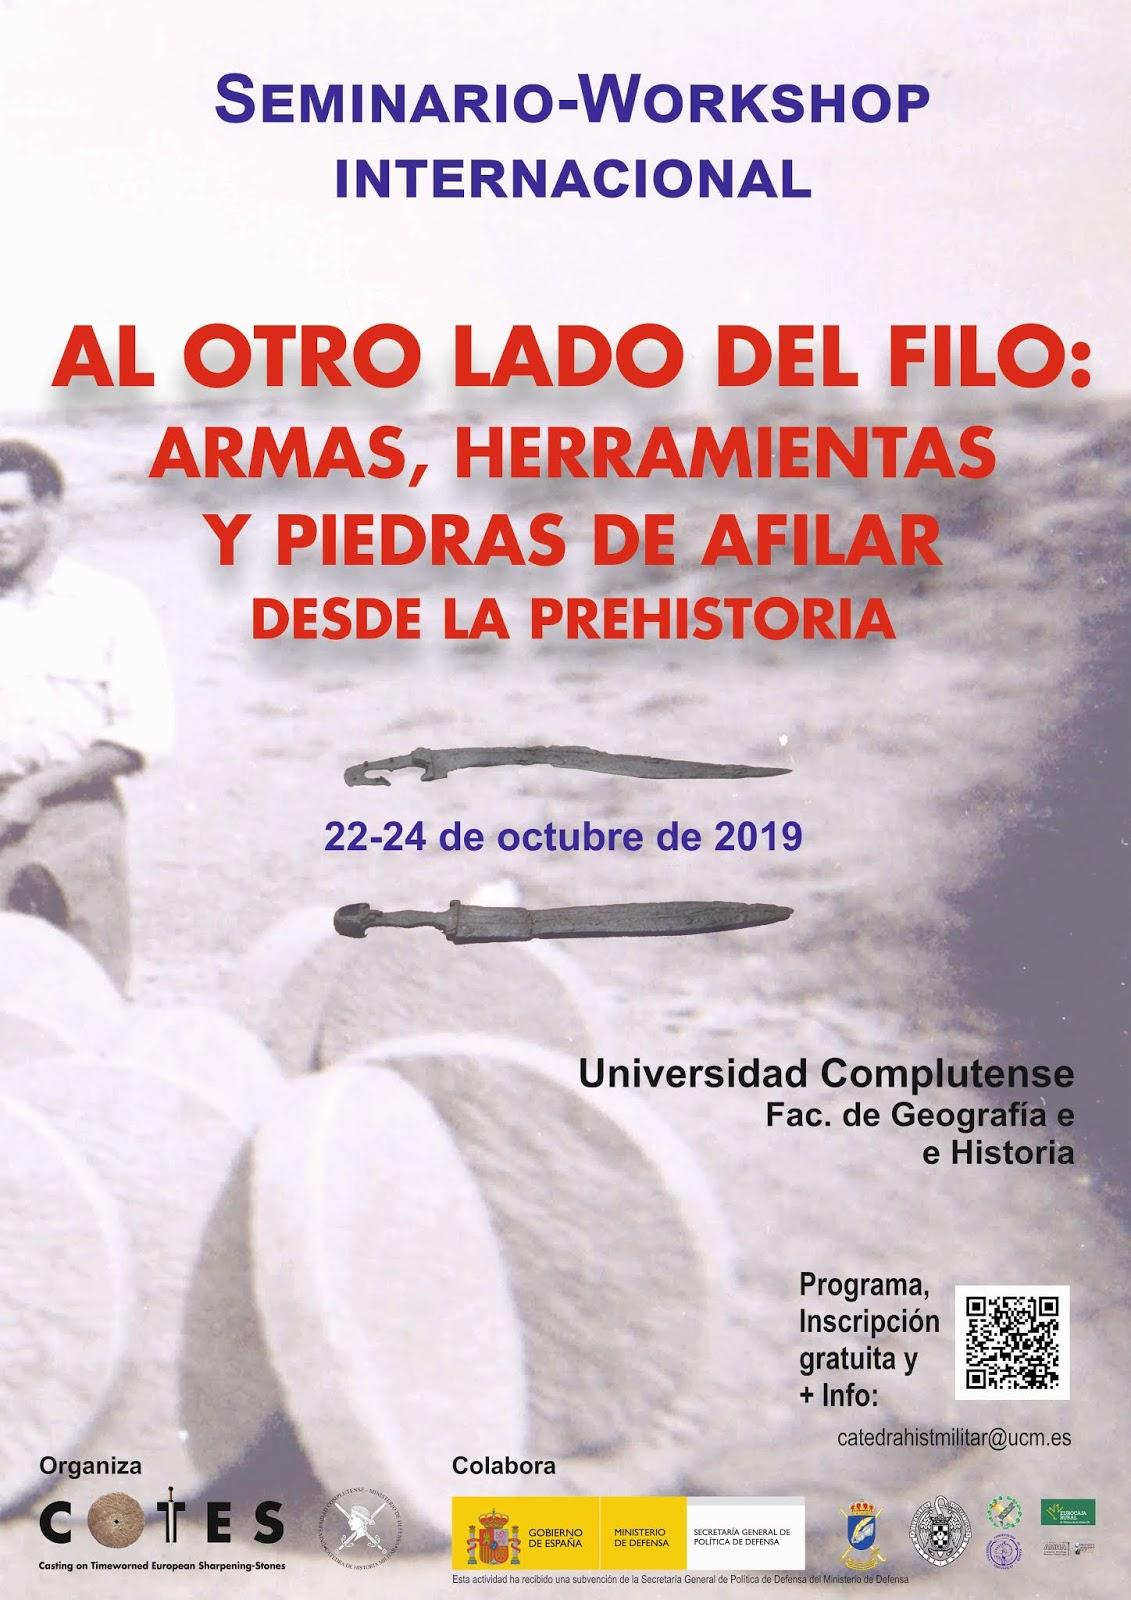 Seminario Internacional Al otro lado del filo. Armas, herramientas y piedras de afilar desde la Prehistoria